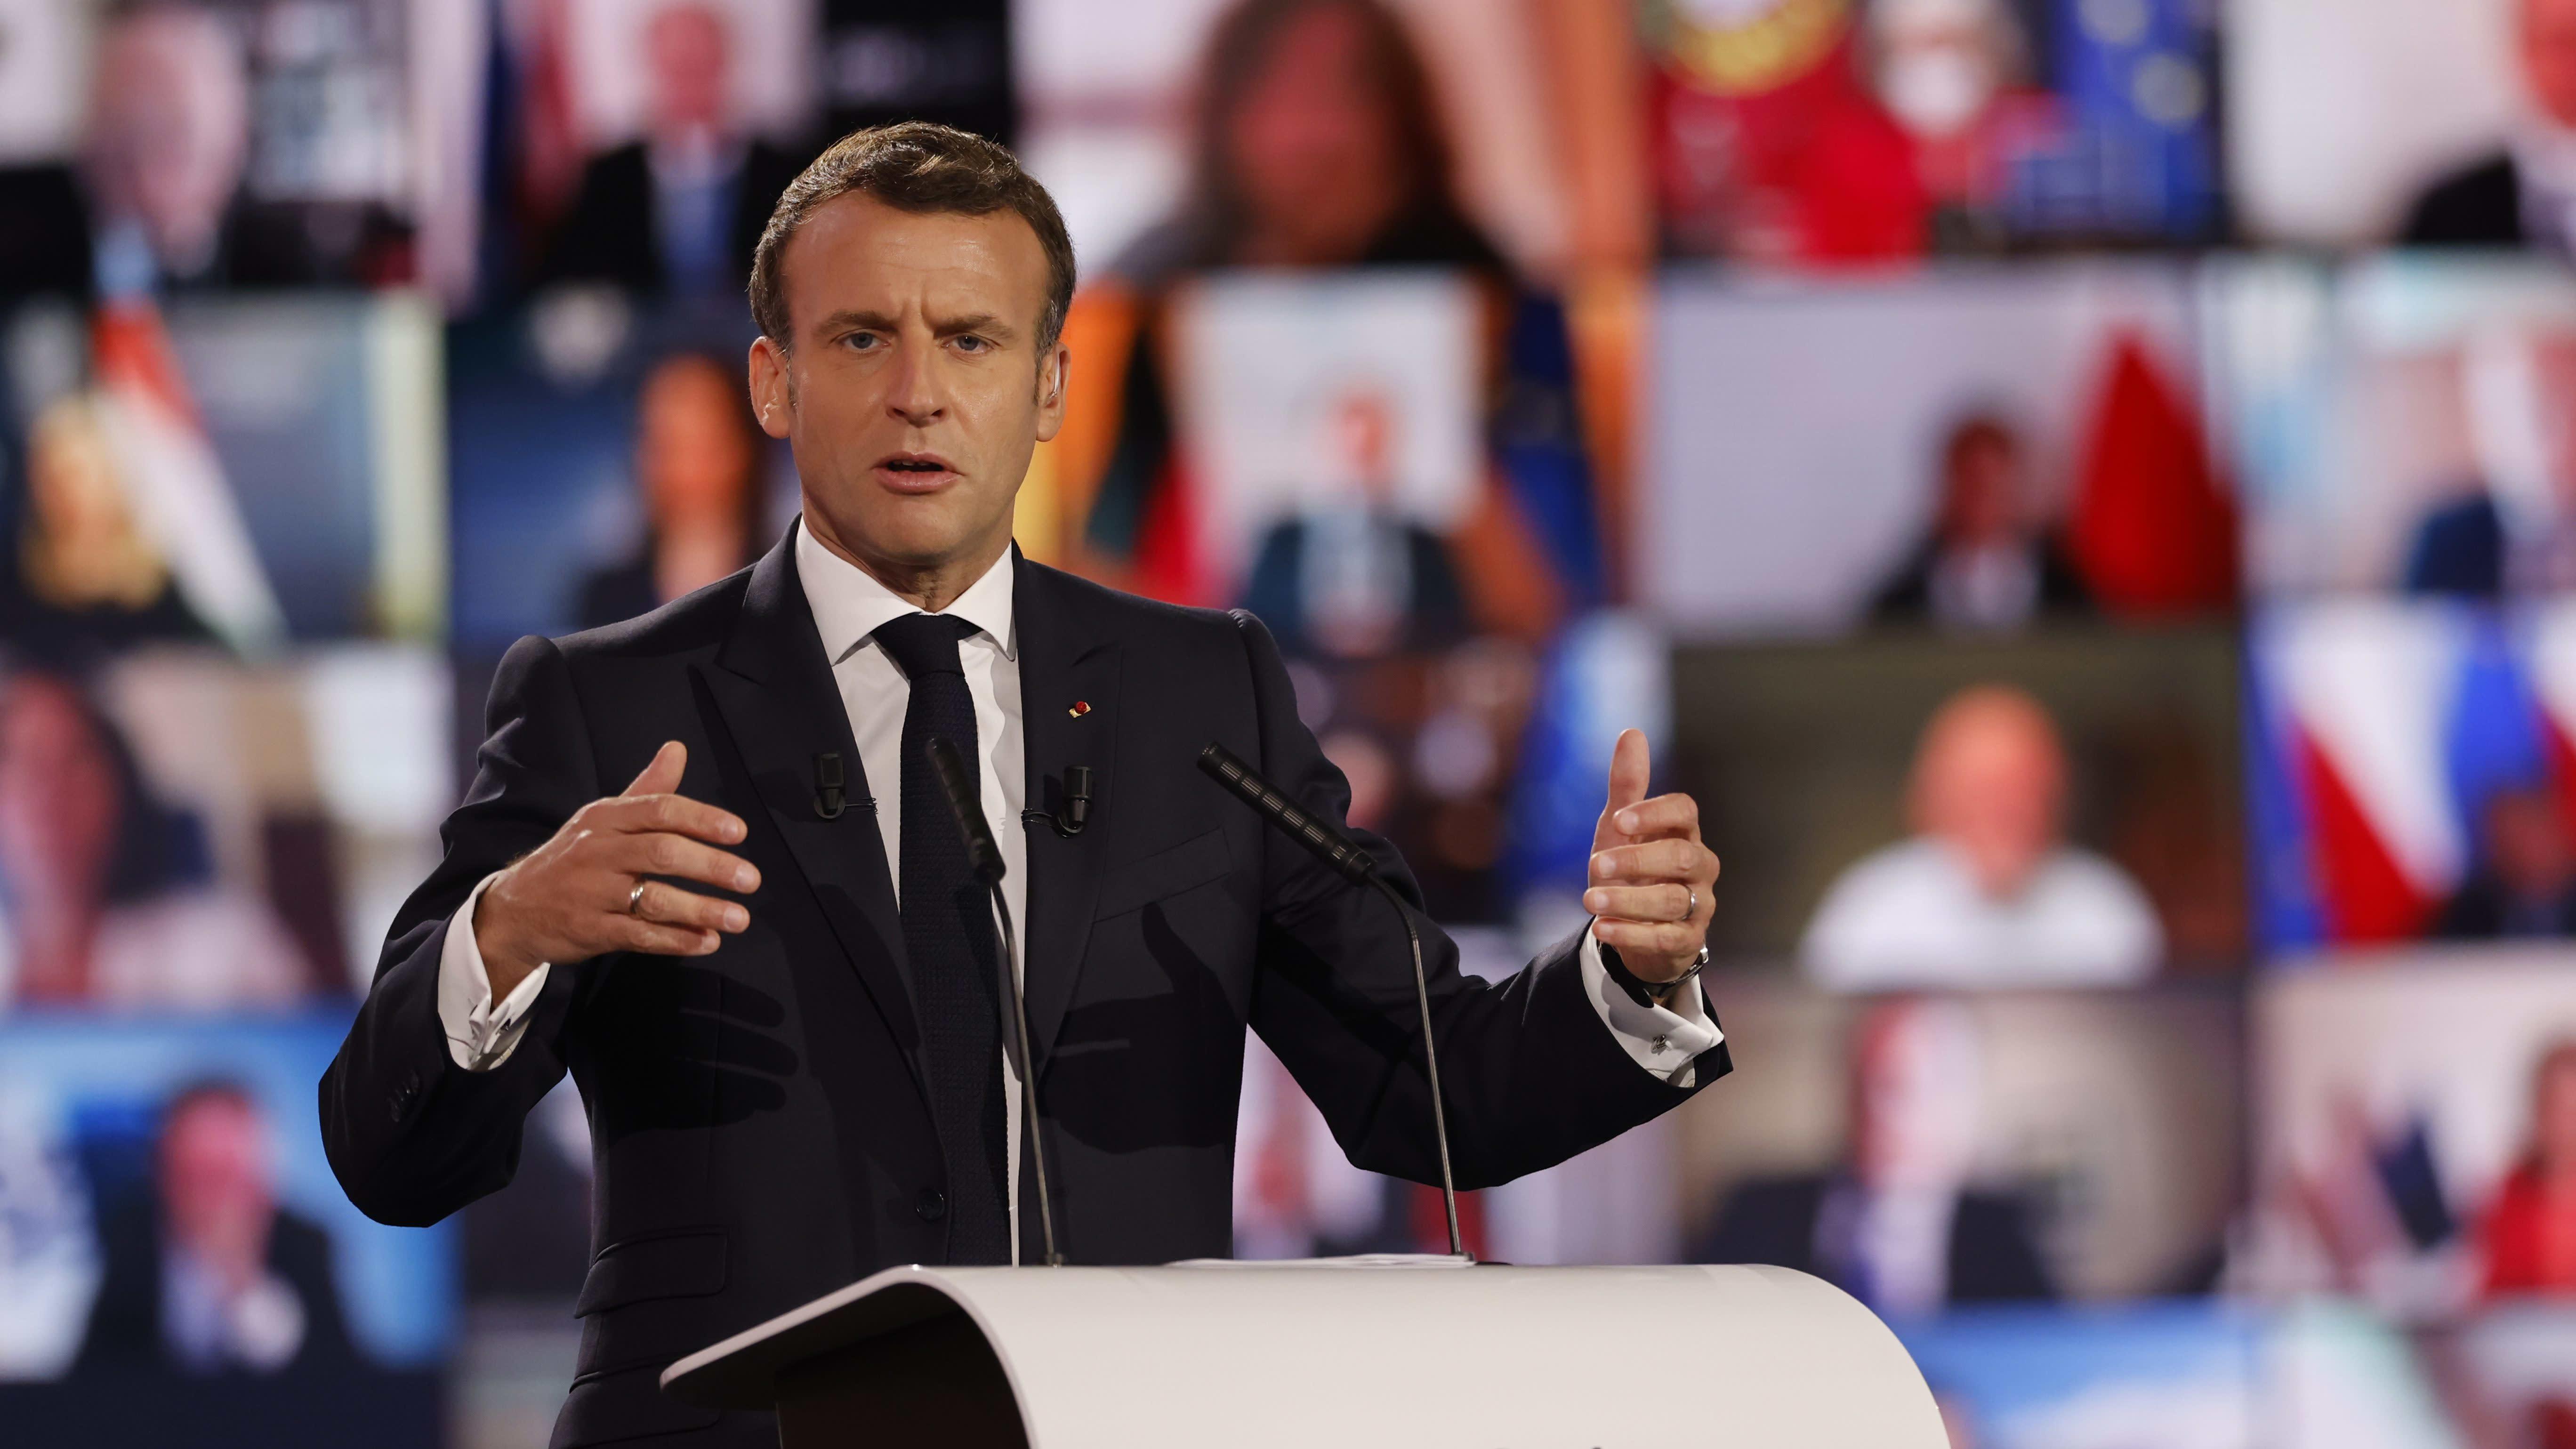 Ranskan presidentti Emmanuel Macron puhui Euroopan tulevaisuuskonferenssin avajaisissa Strasbourgissa.